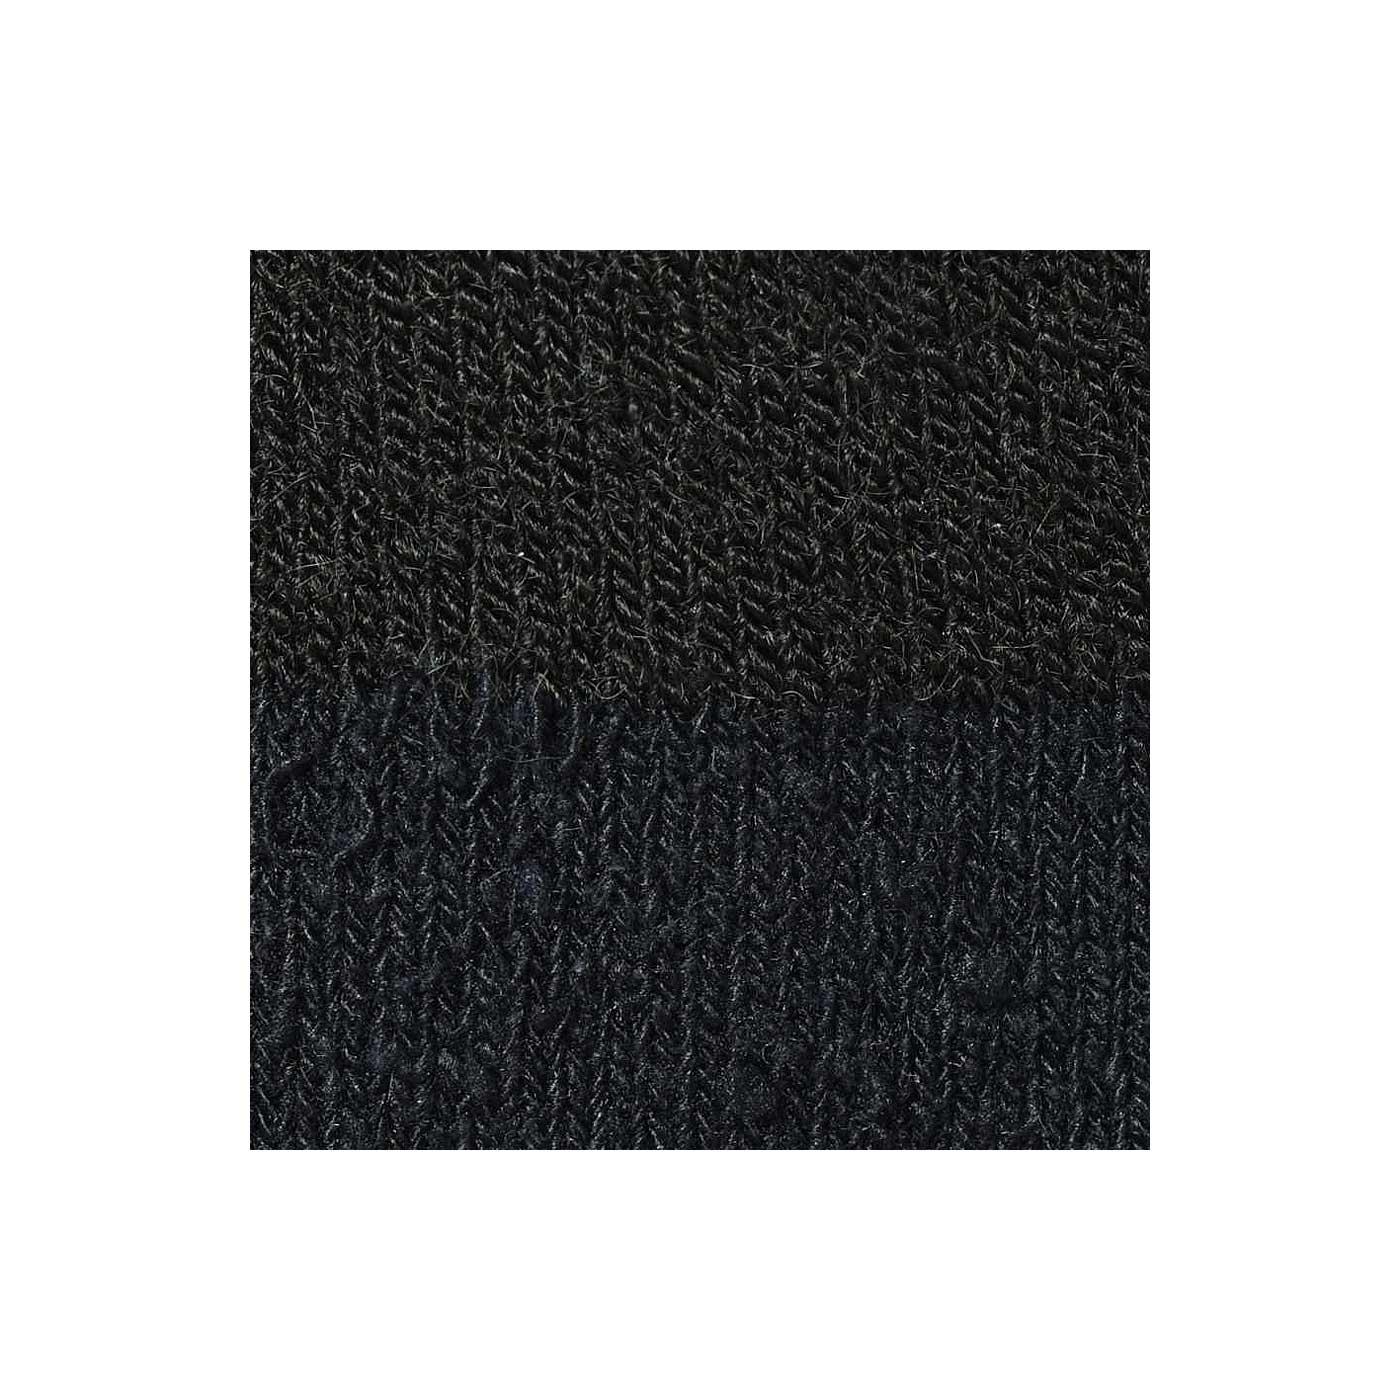 シルクはふんわりとした紬糸(ちゅうし)を使用。外側に出る繊維の筋がナチュラルな風合い。